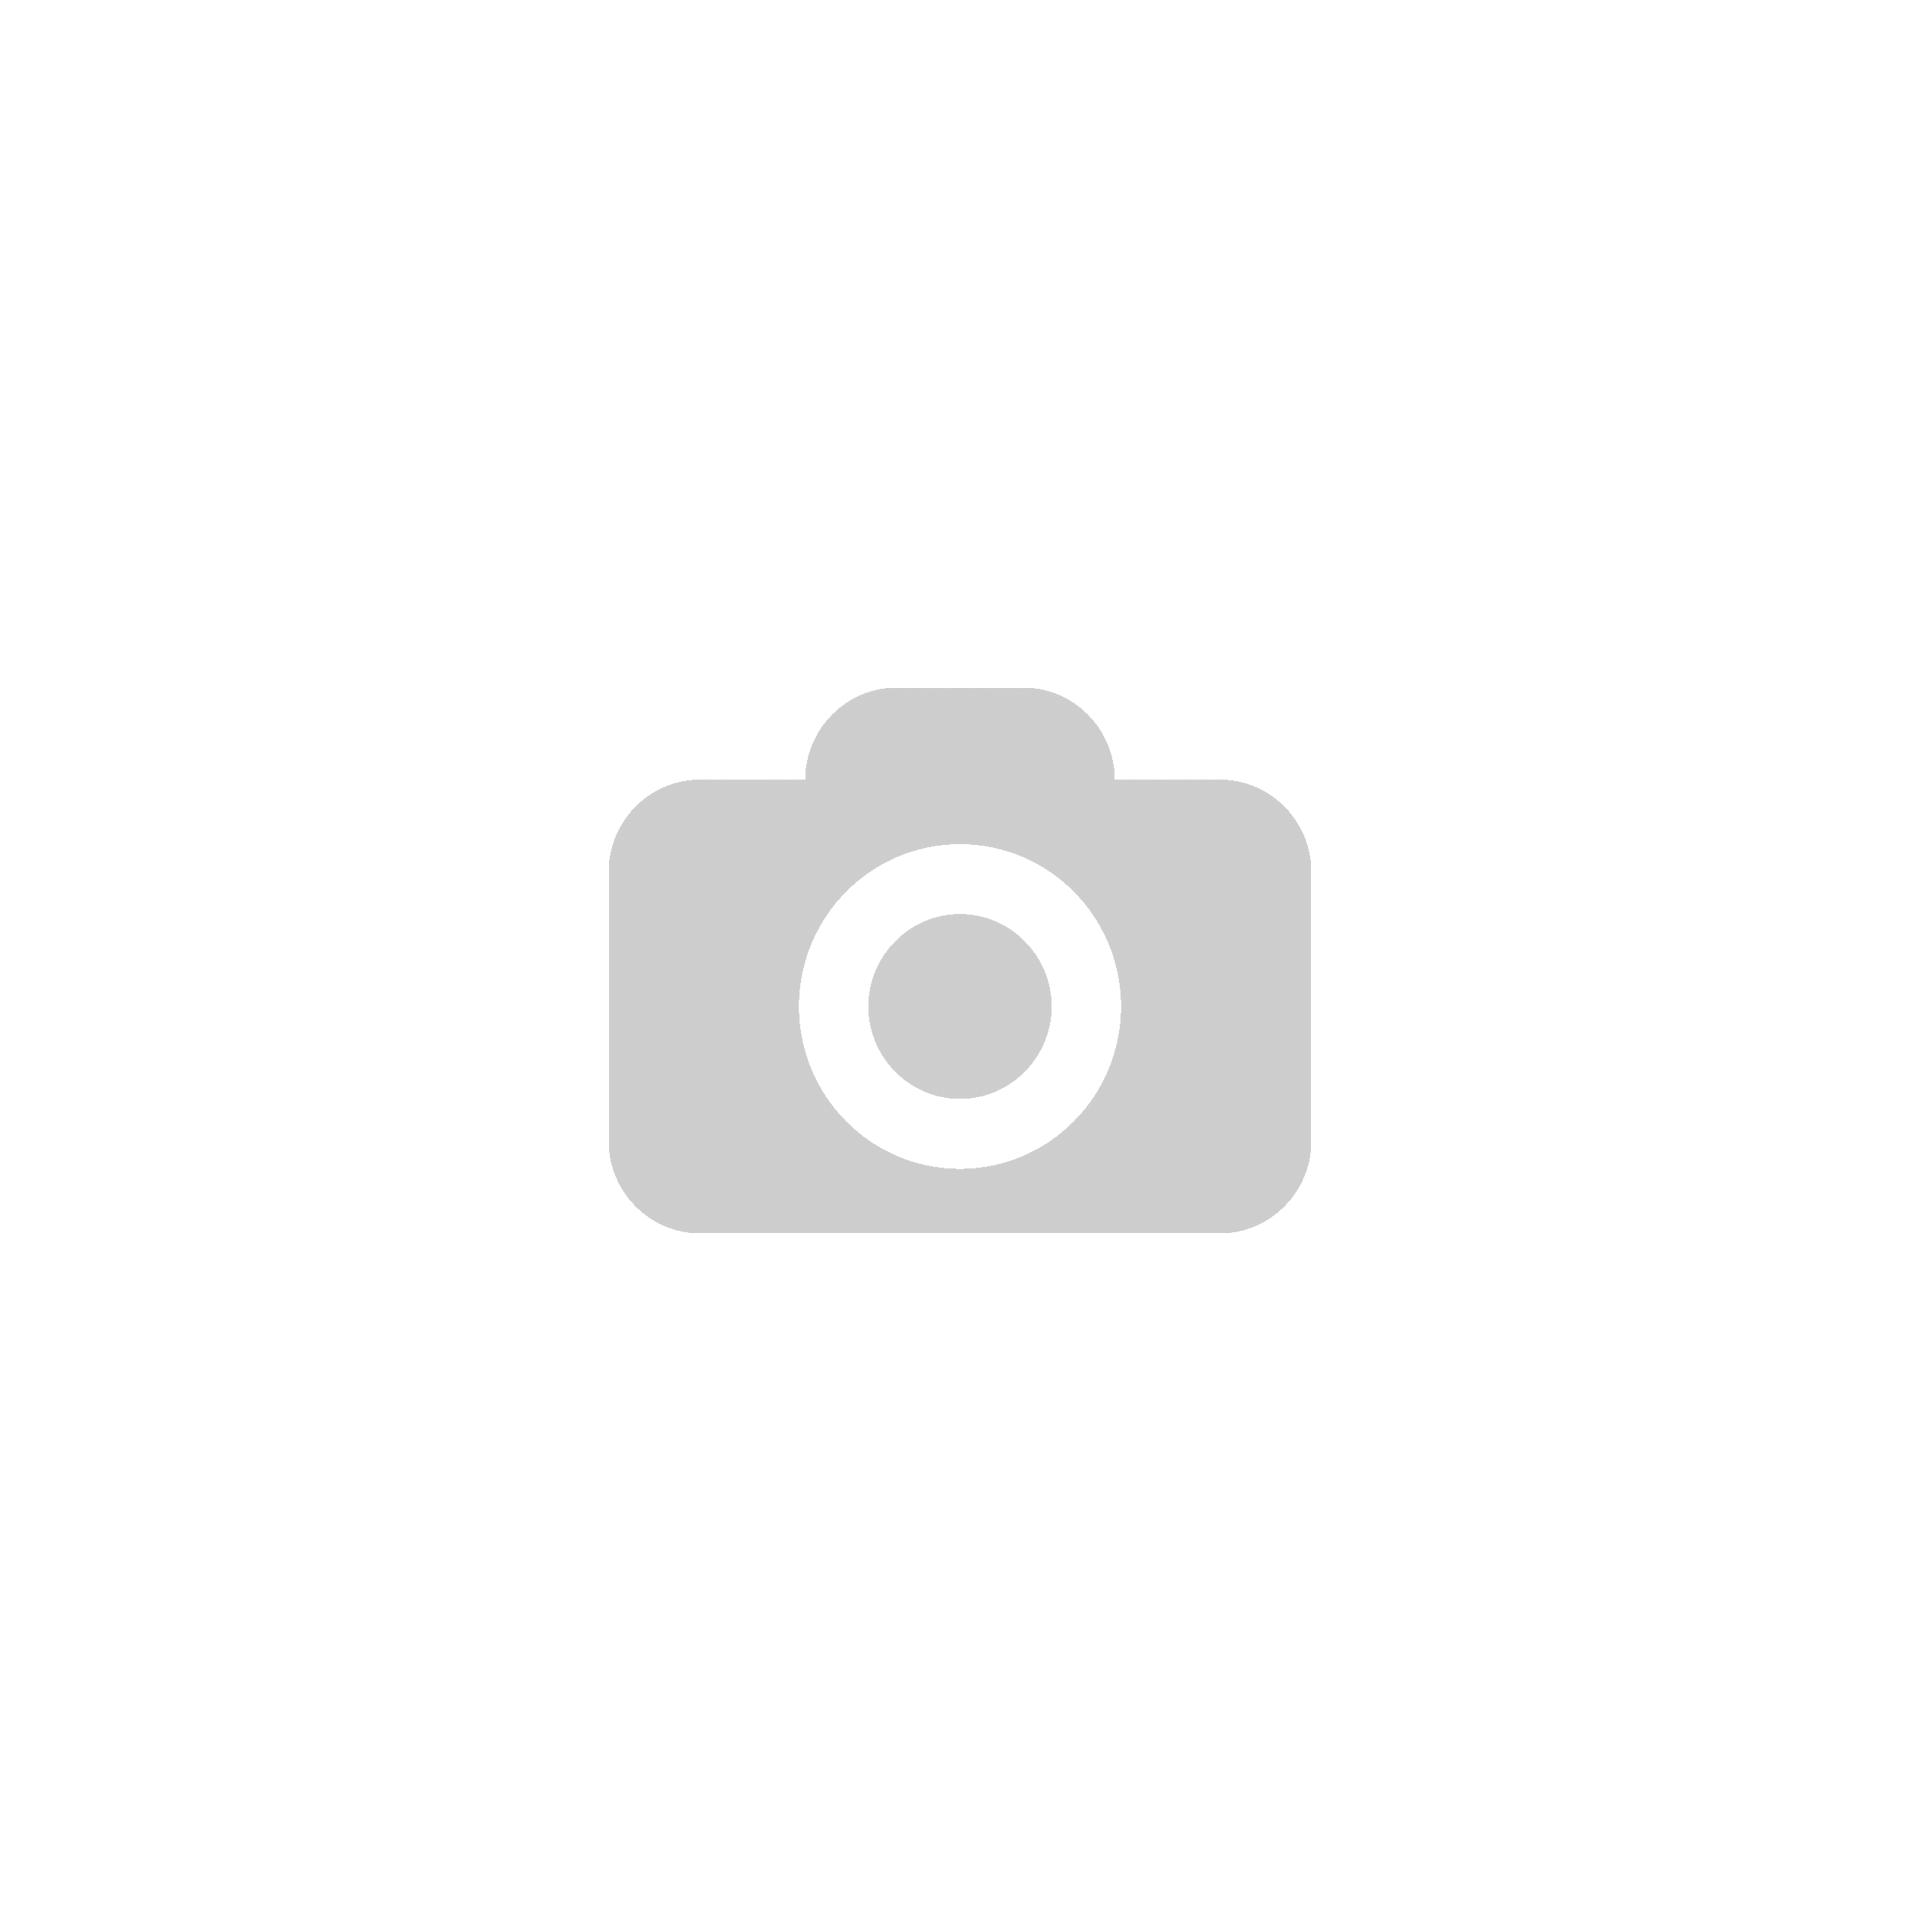 7db4d36c04 Az akció visszavonásig, illetve az akciós készlet erejéig érvényes! M12 HJP  LADIES-0 (L) női fűthető pufi kabát ...